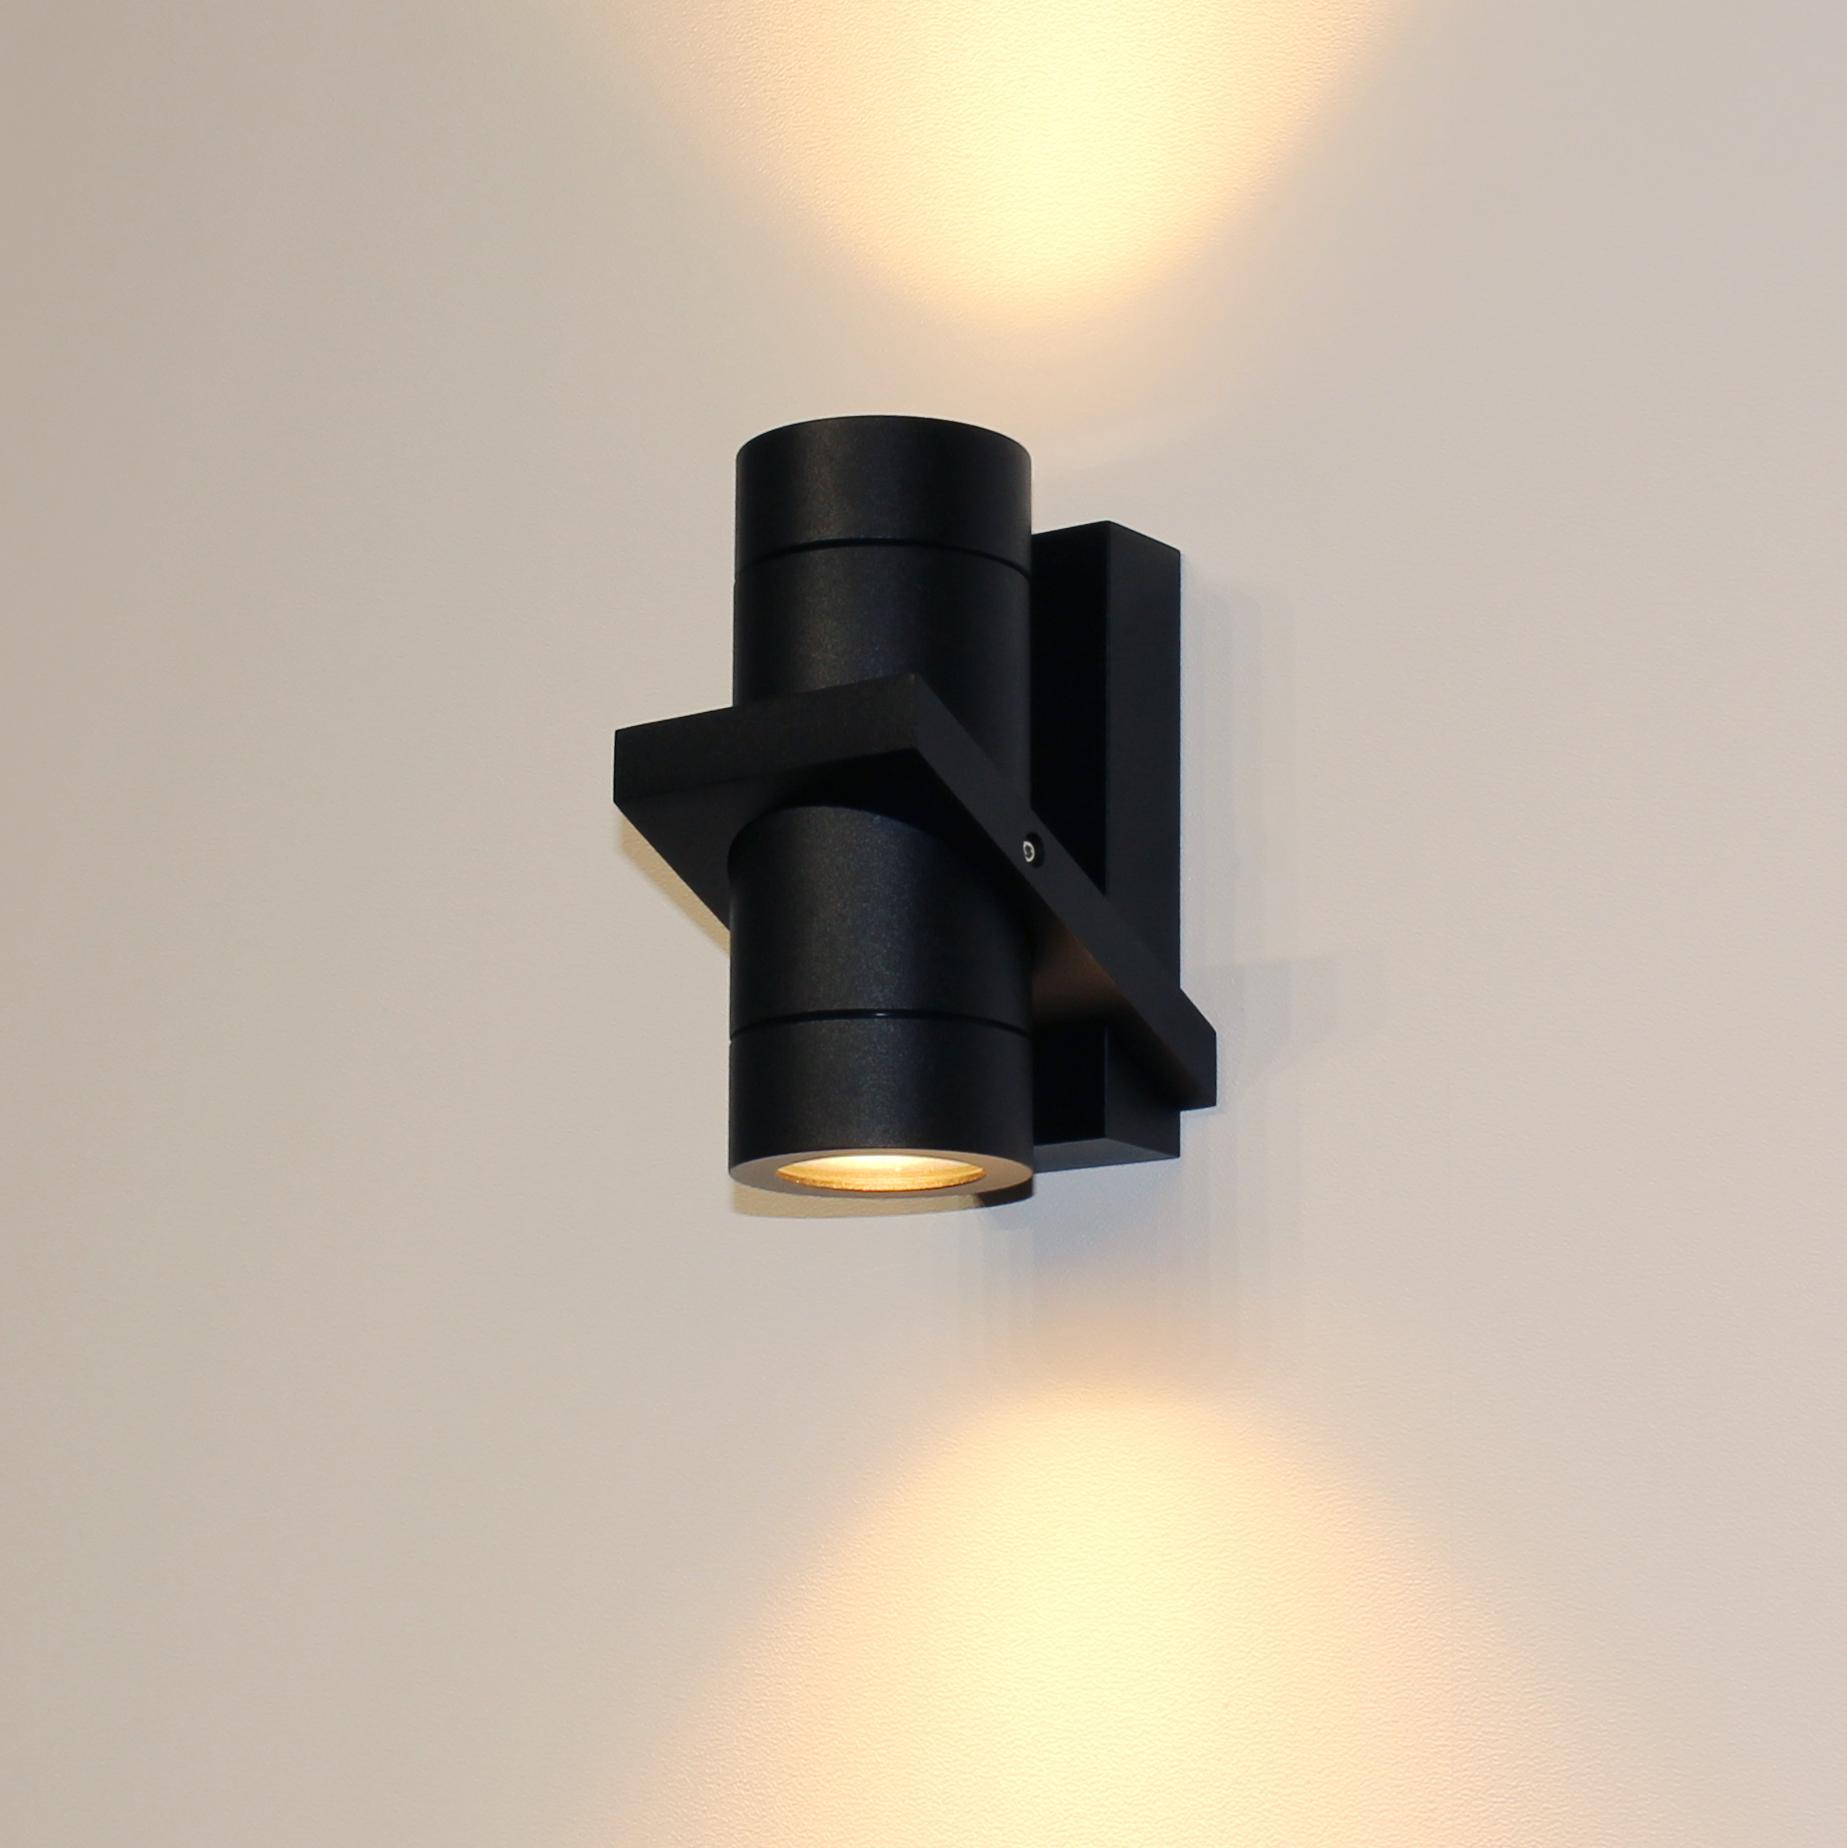 Artdelight Wandlamp Double 16 x 8,5 cm zwart